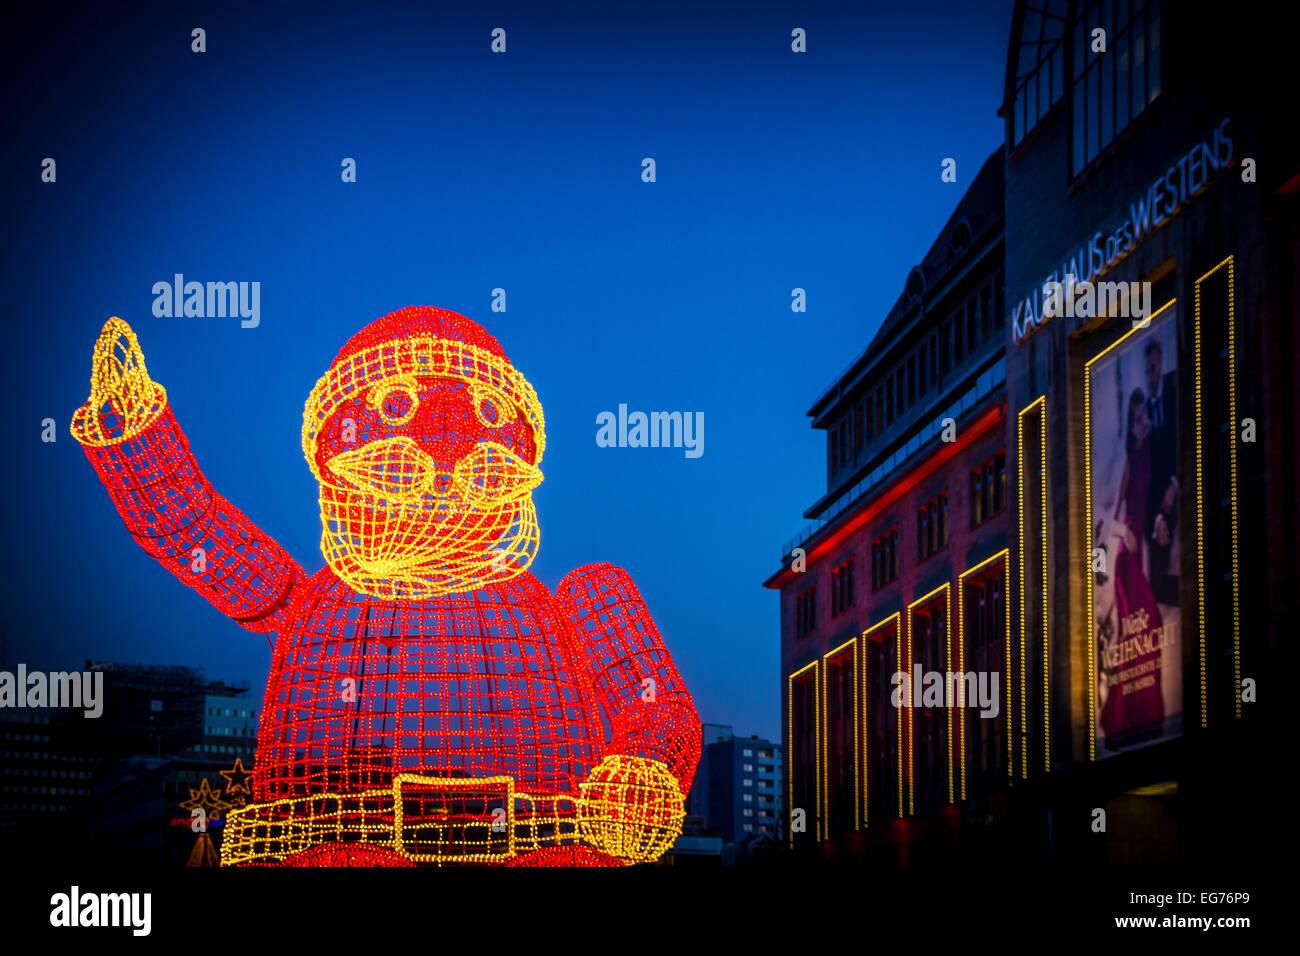 Germania Berlino, ha illuminato la grande scultura di Babbo Natale Immagini Stock